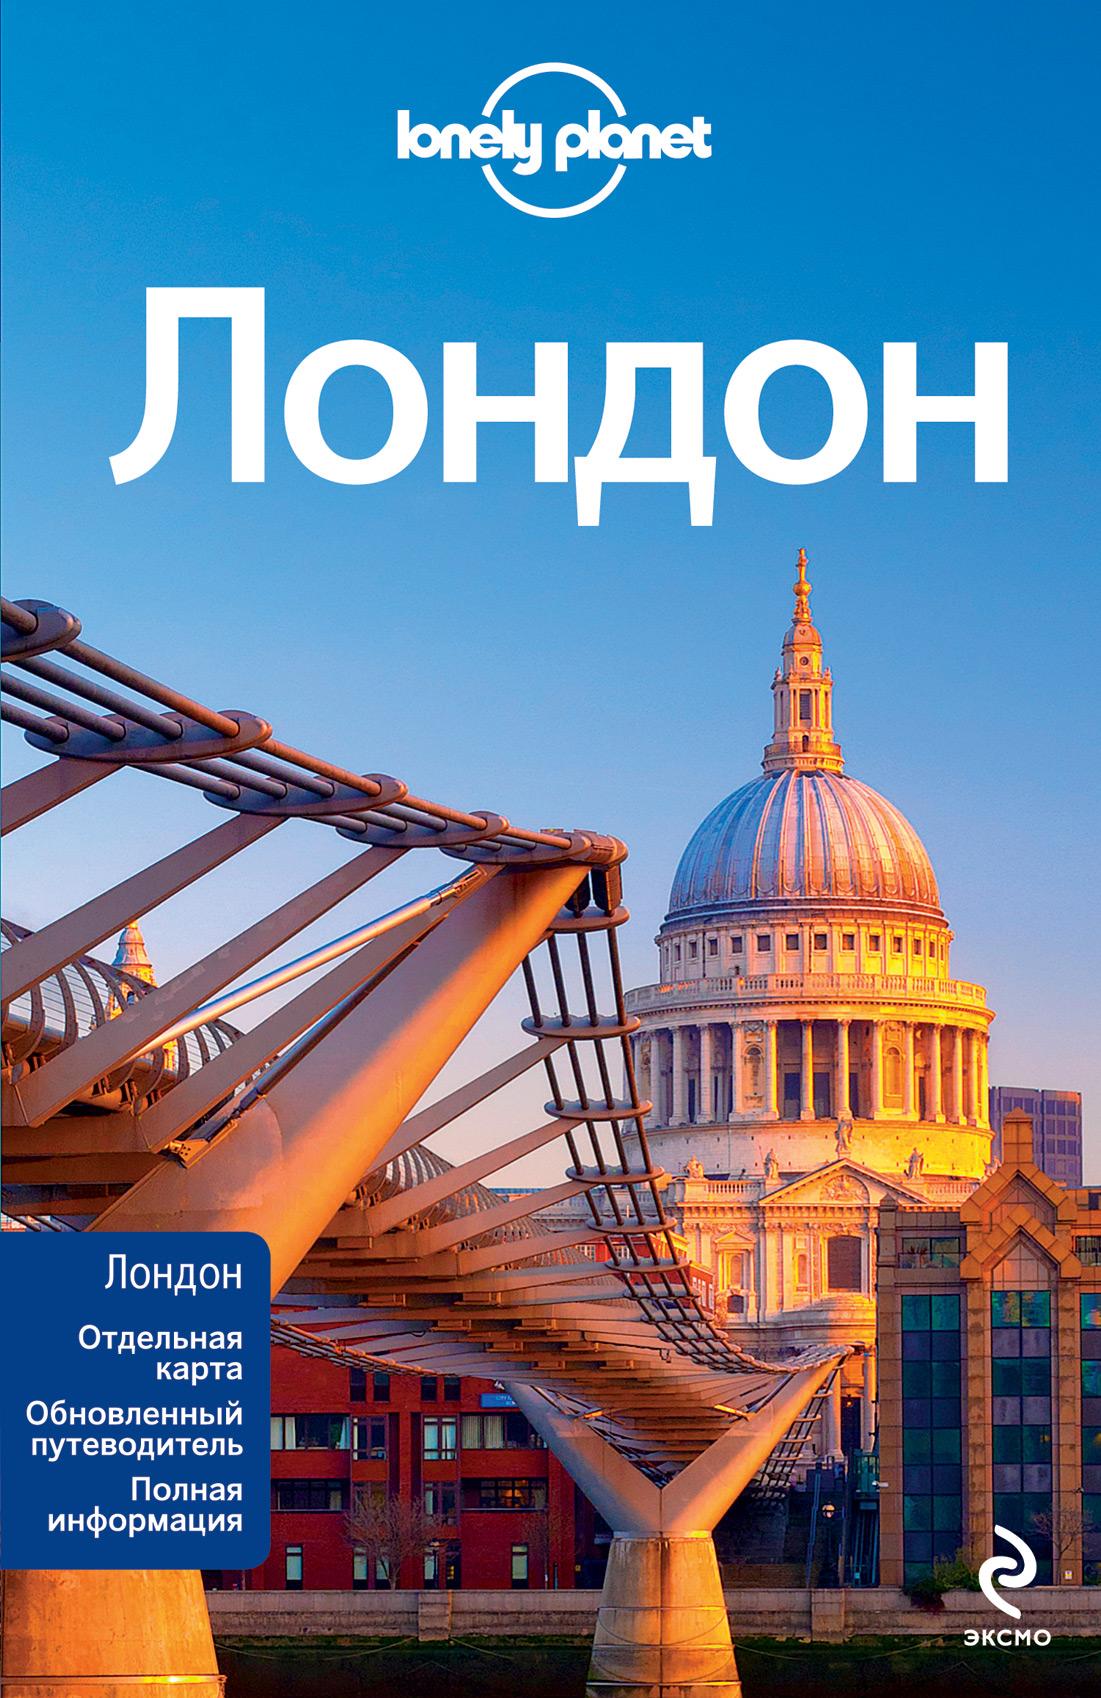 Лондон: испр. и доп. отзывы